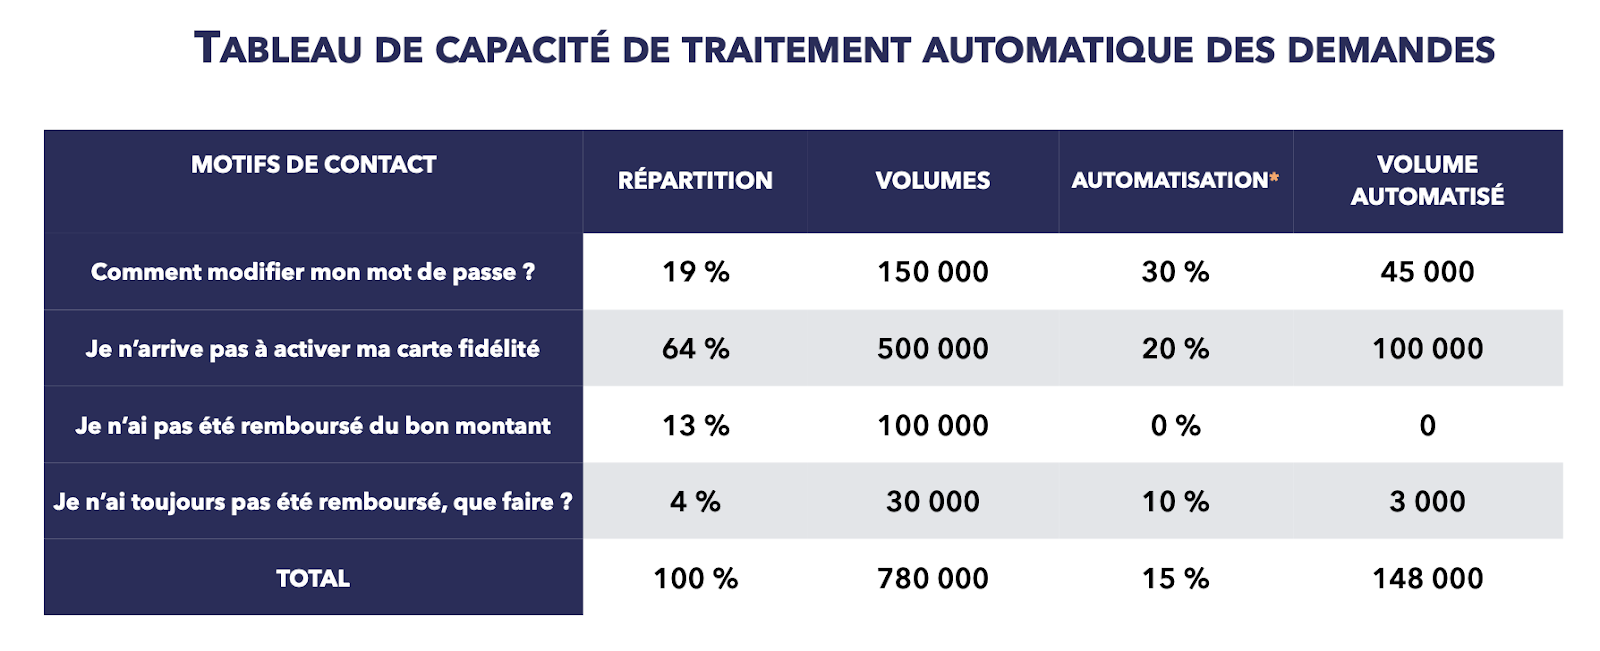 Quelle est la capacité d'automatisation des outils selfcare ?